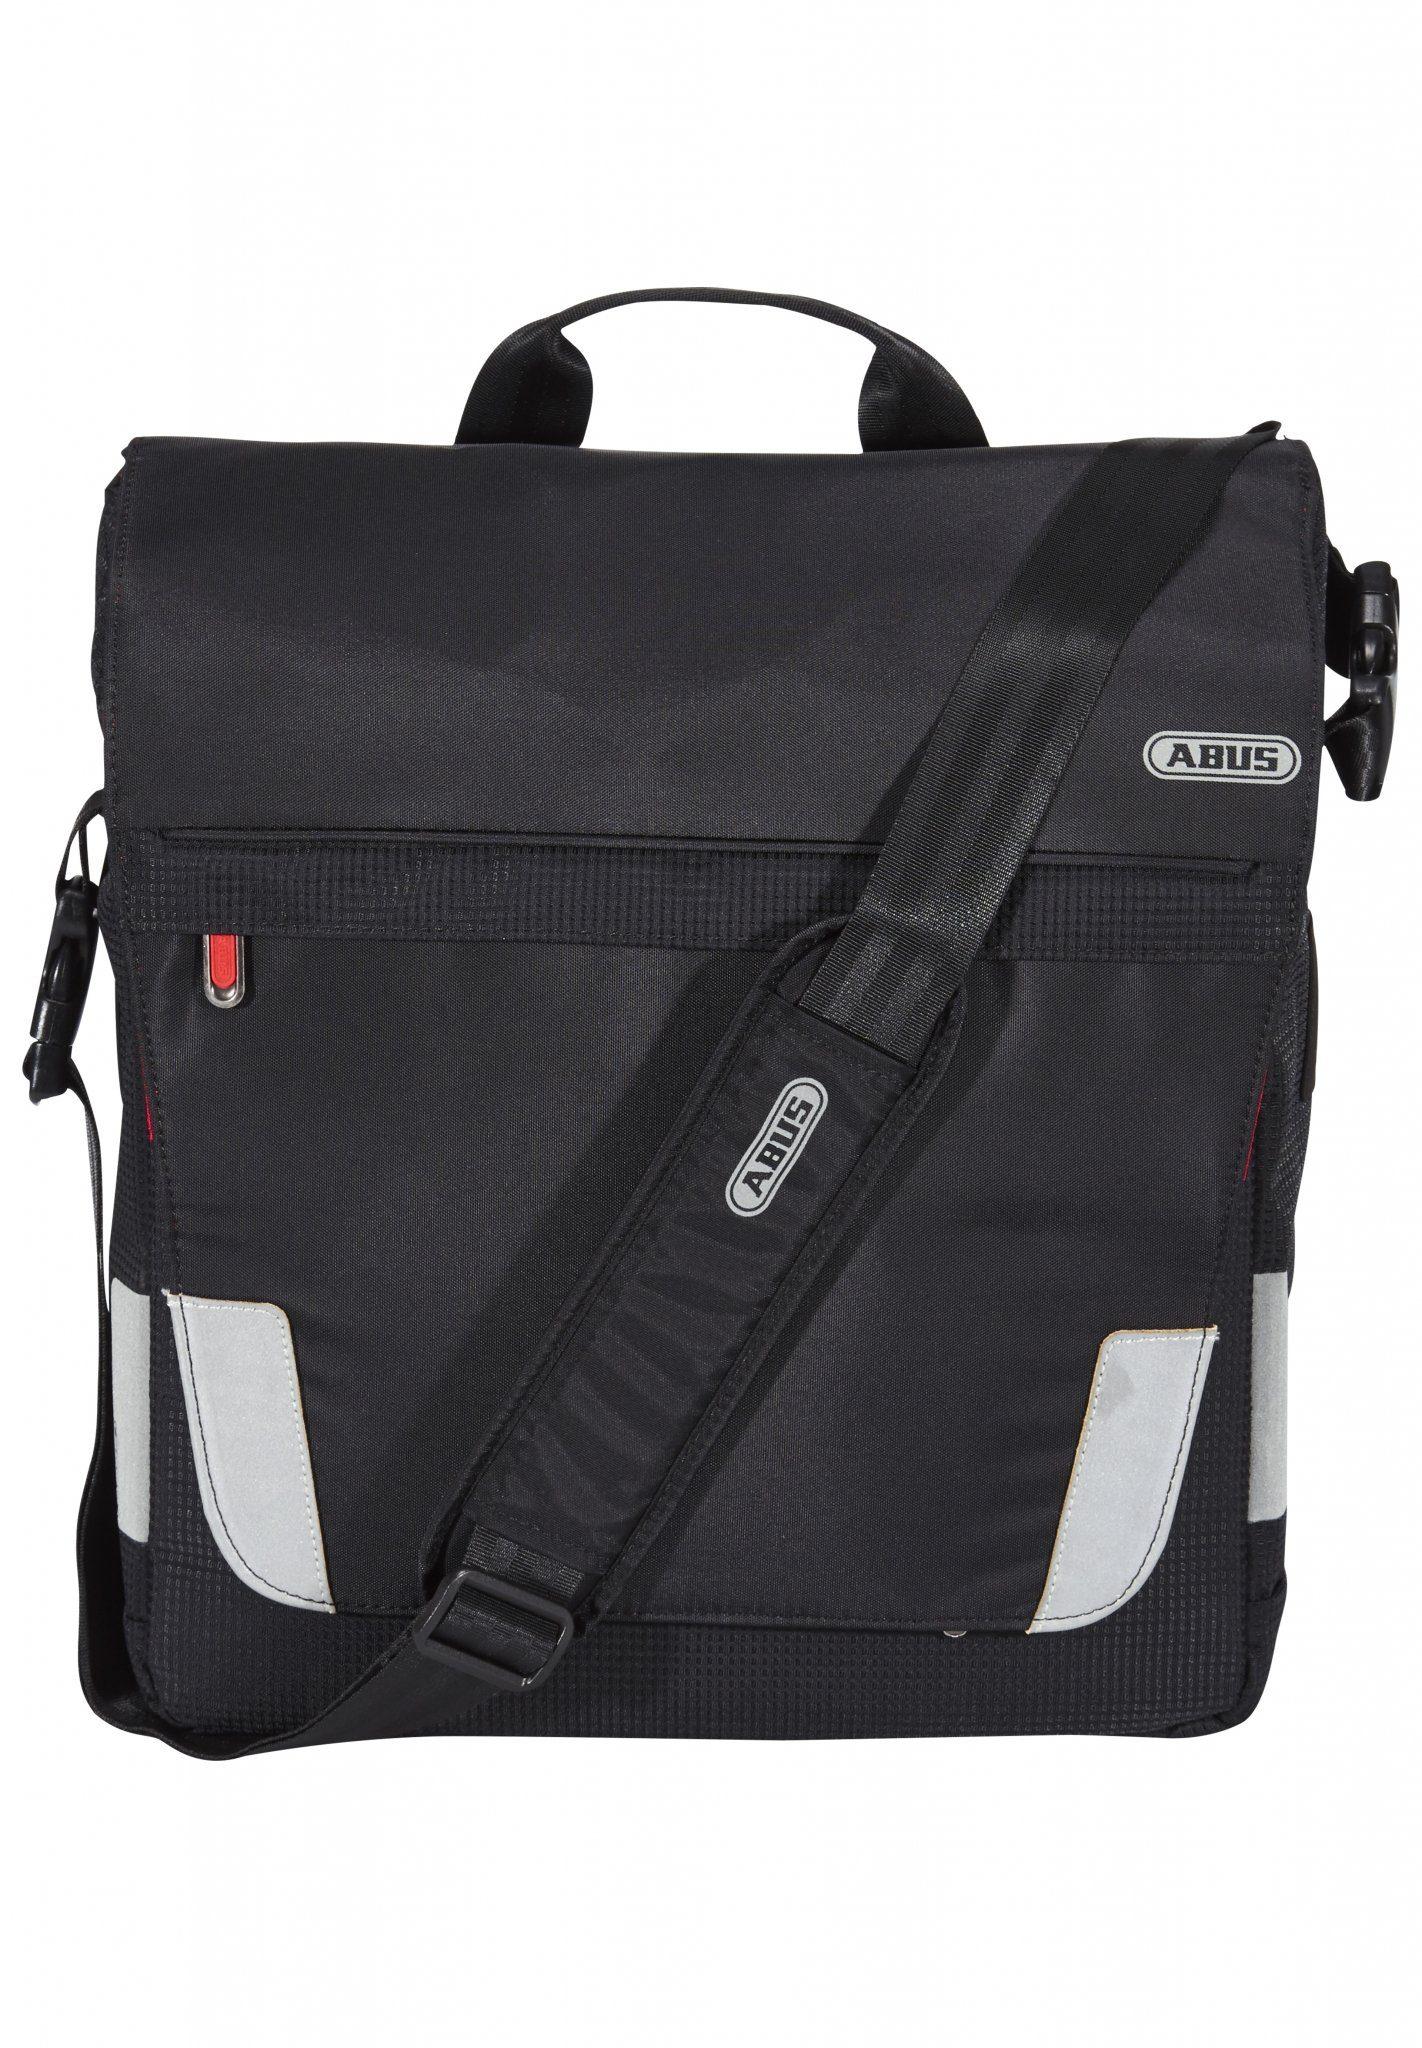 ABUS Gepäckträgertasche »Oryde ST 2500 Gepäckträgertasche«